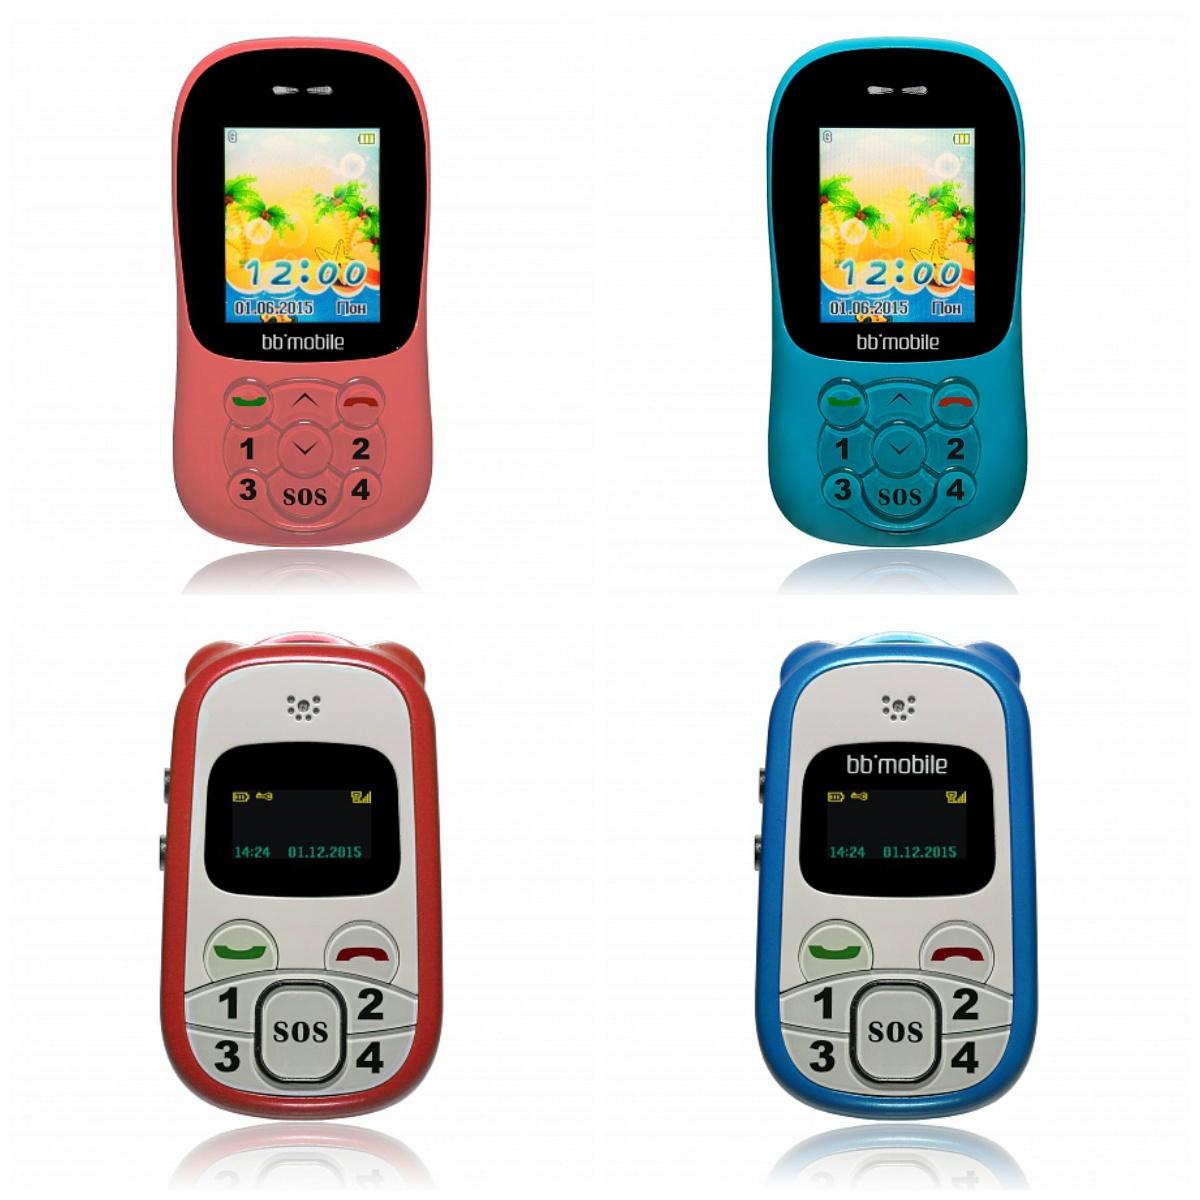 Телефоны для безопасности детей и спокойствия родителей: обзор новинок bb-mobile - 4